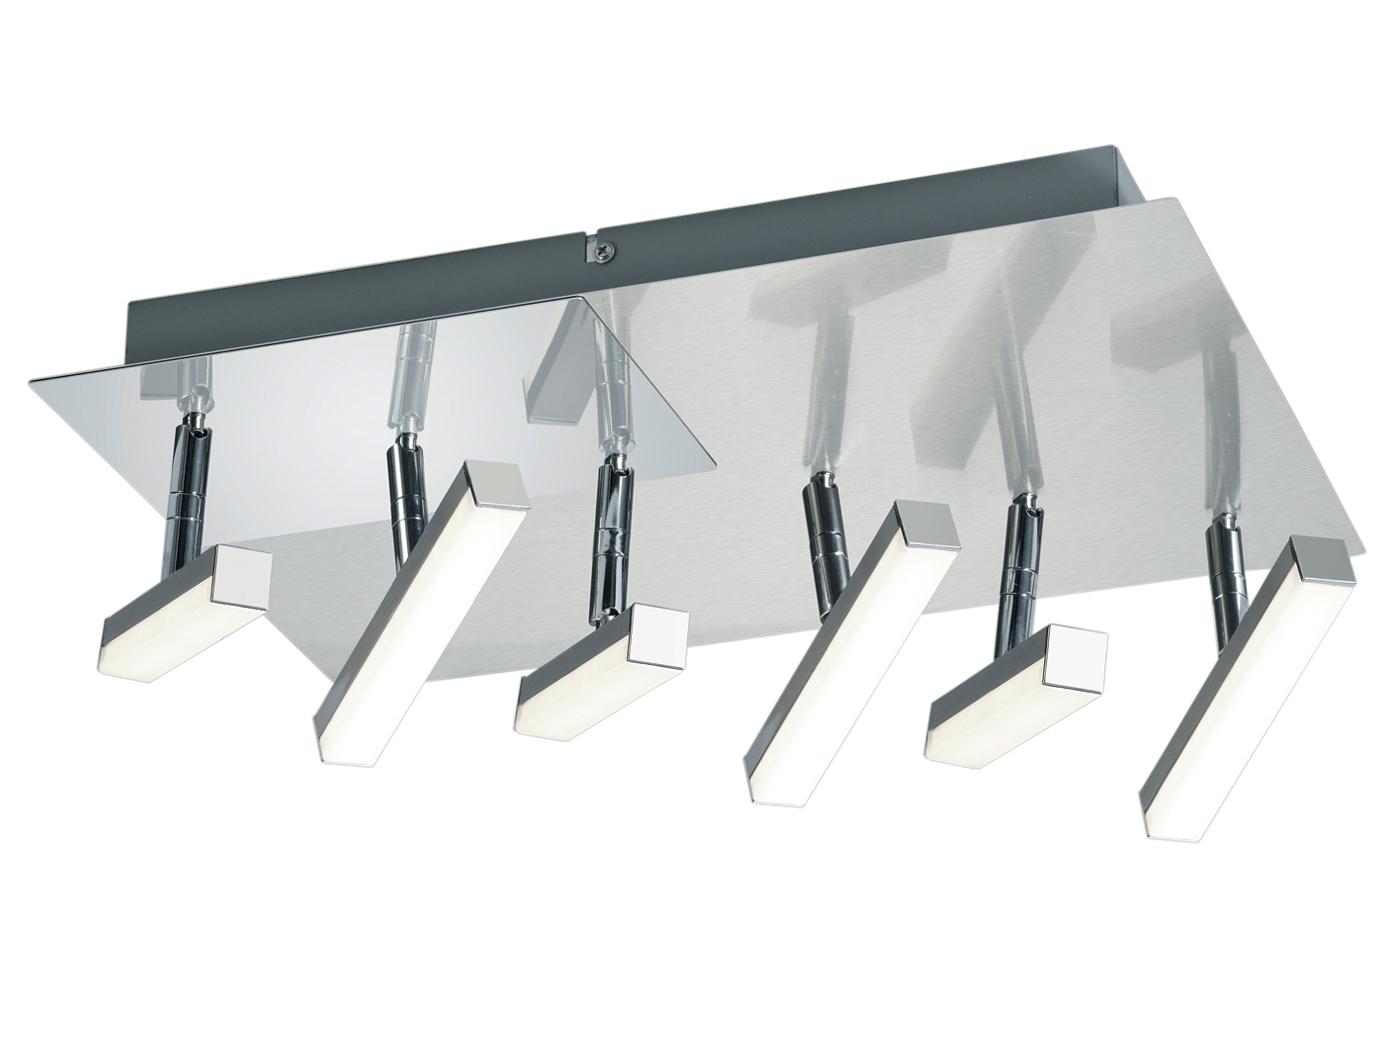 LED Deckenlampe Nickel matt 6 schwenkbar Spots 27W - Deckenleuchten  Wohnzimmer